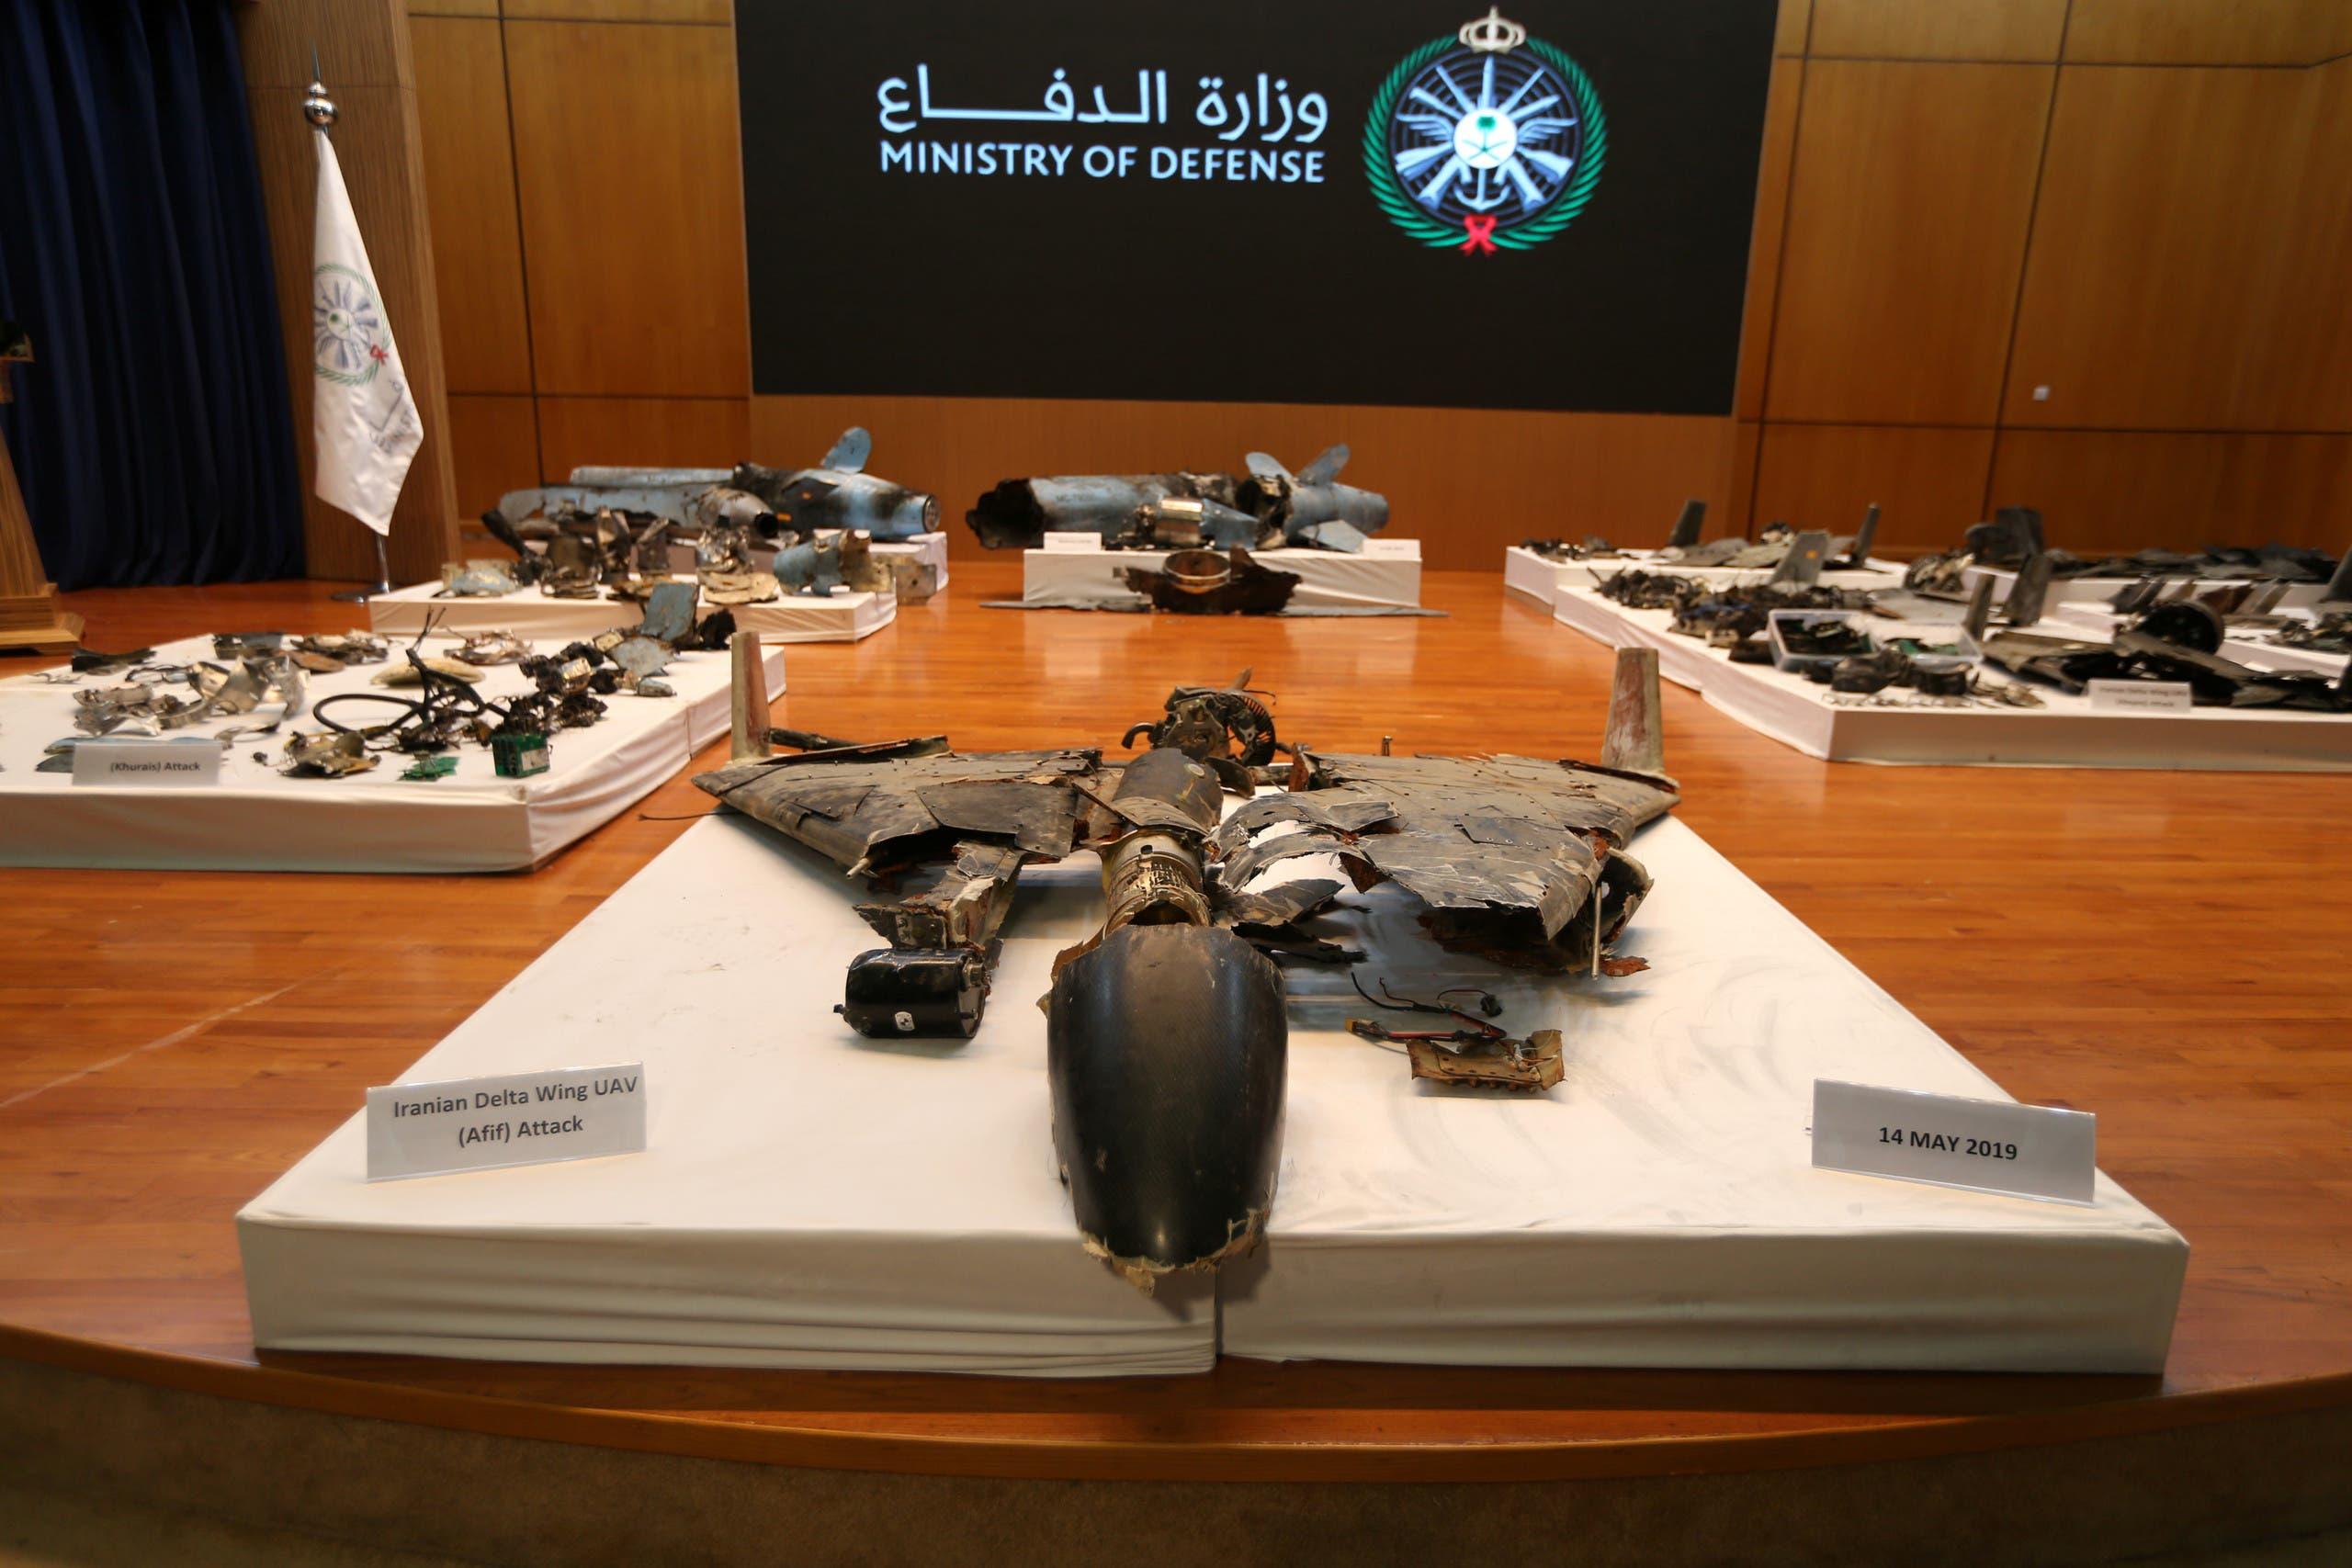 أدلة عرضتها وزارة الدفاع السعودية حول تورط إيران بهجوم أرامكو